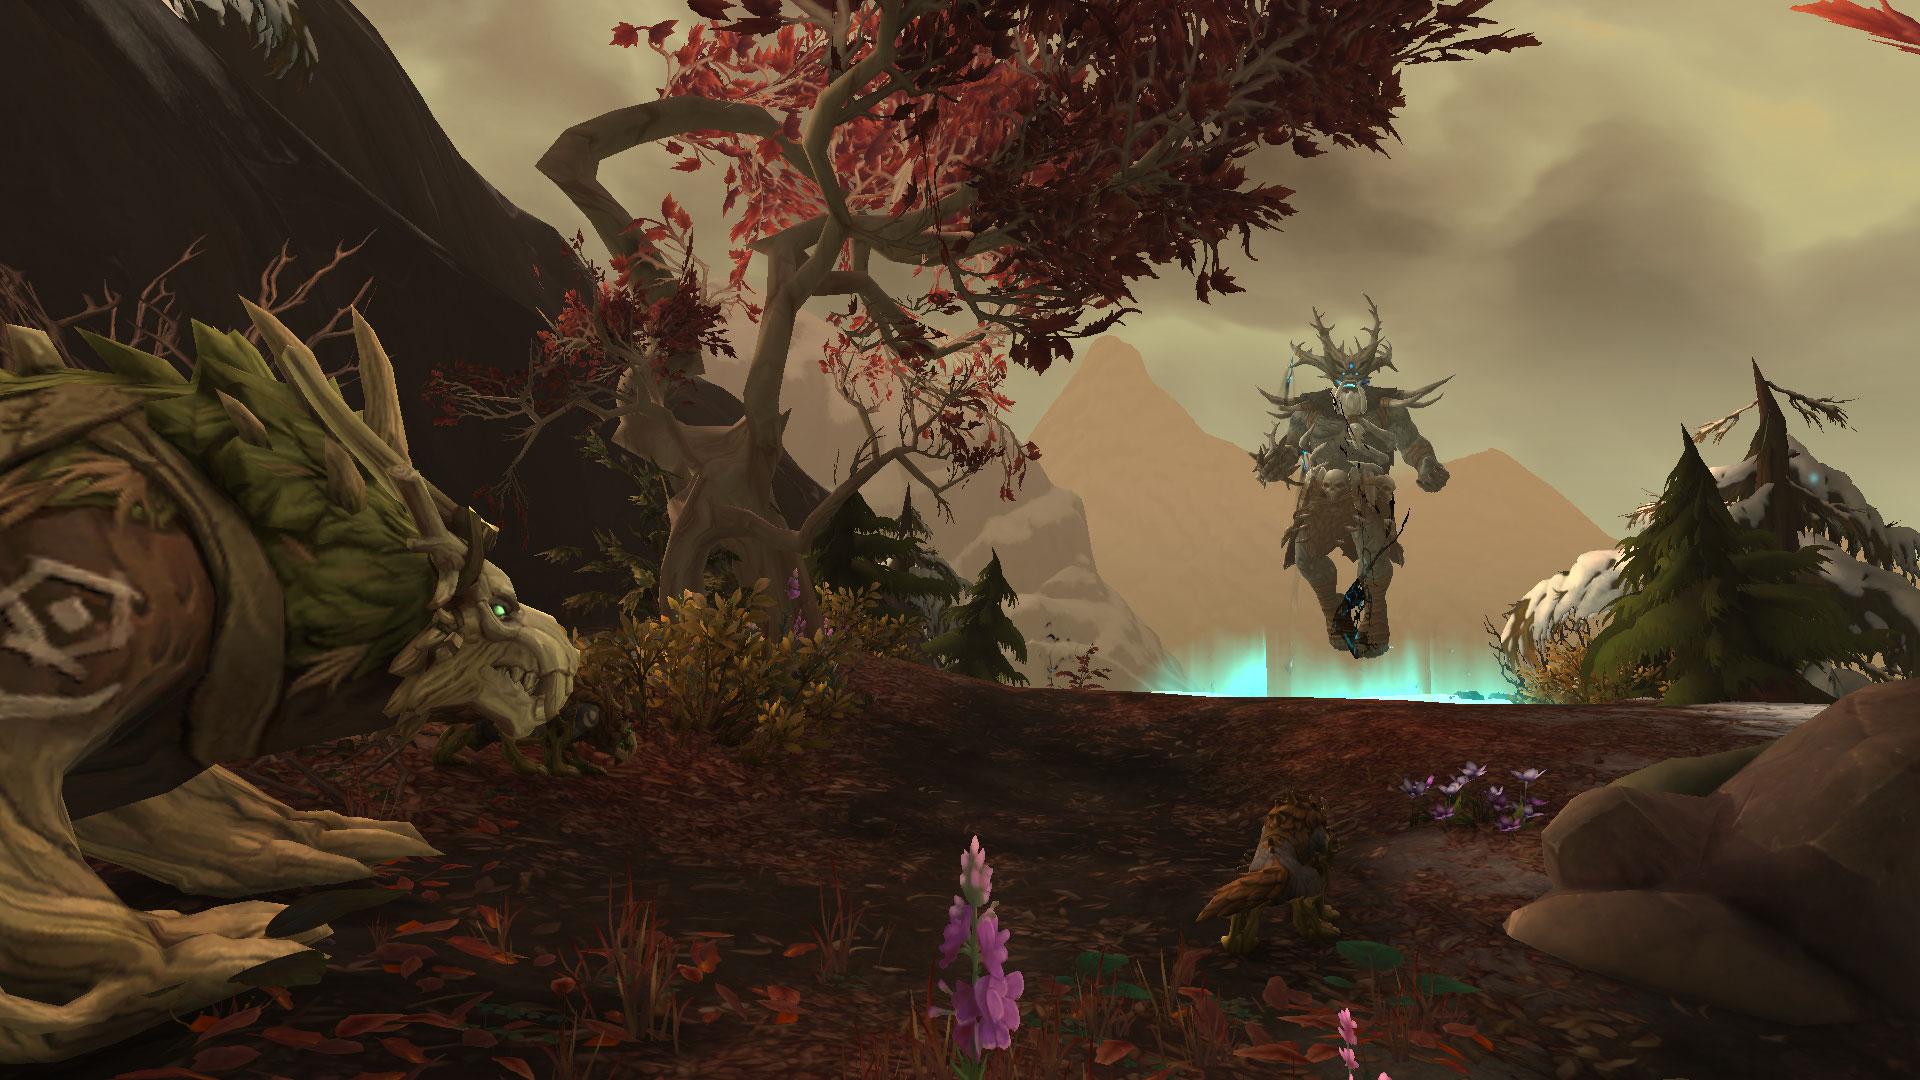 Ulfar et les Parlépines Kultirassiens sont attaqués par Gorak Tul et ses serviteurs